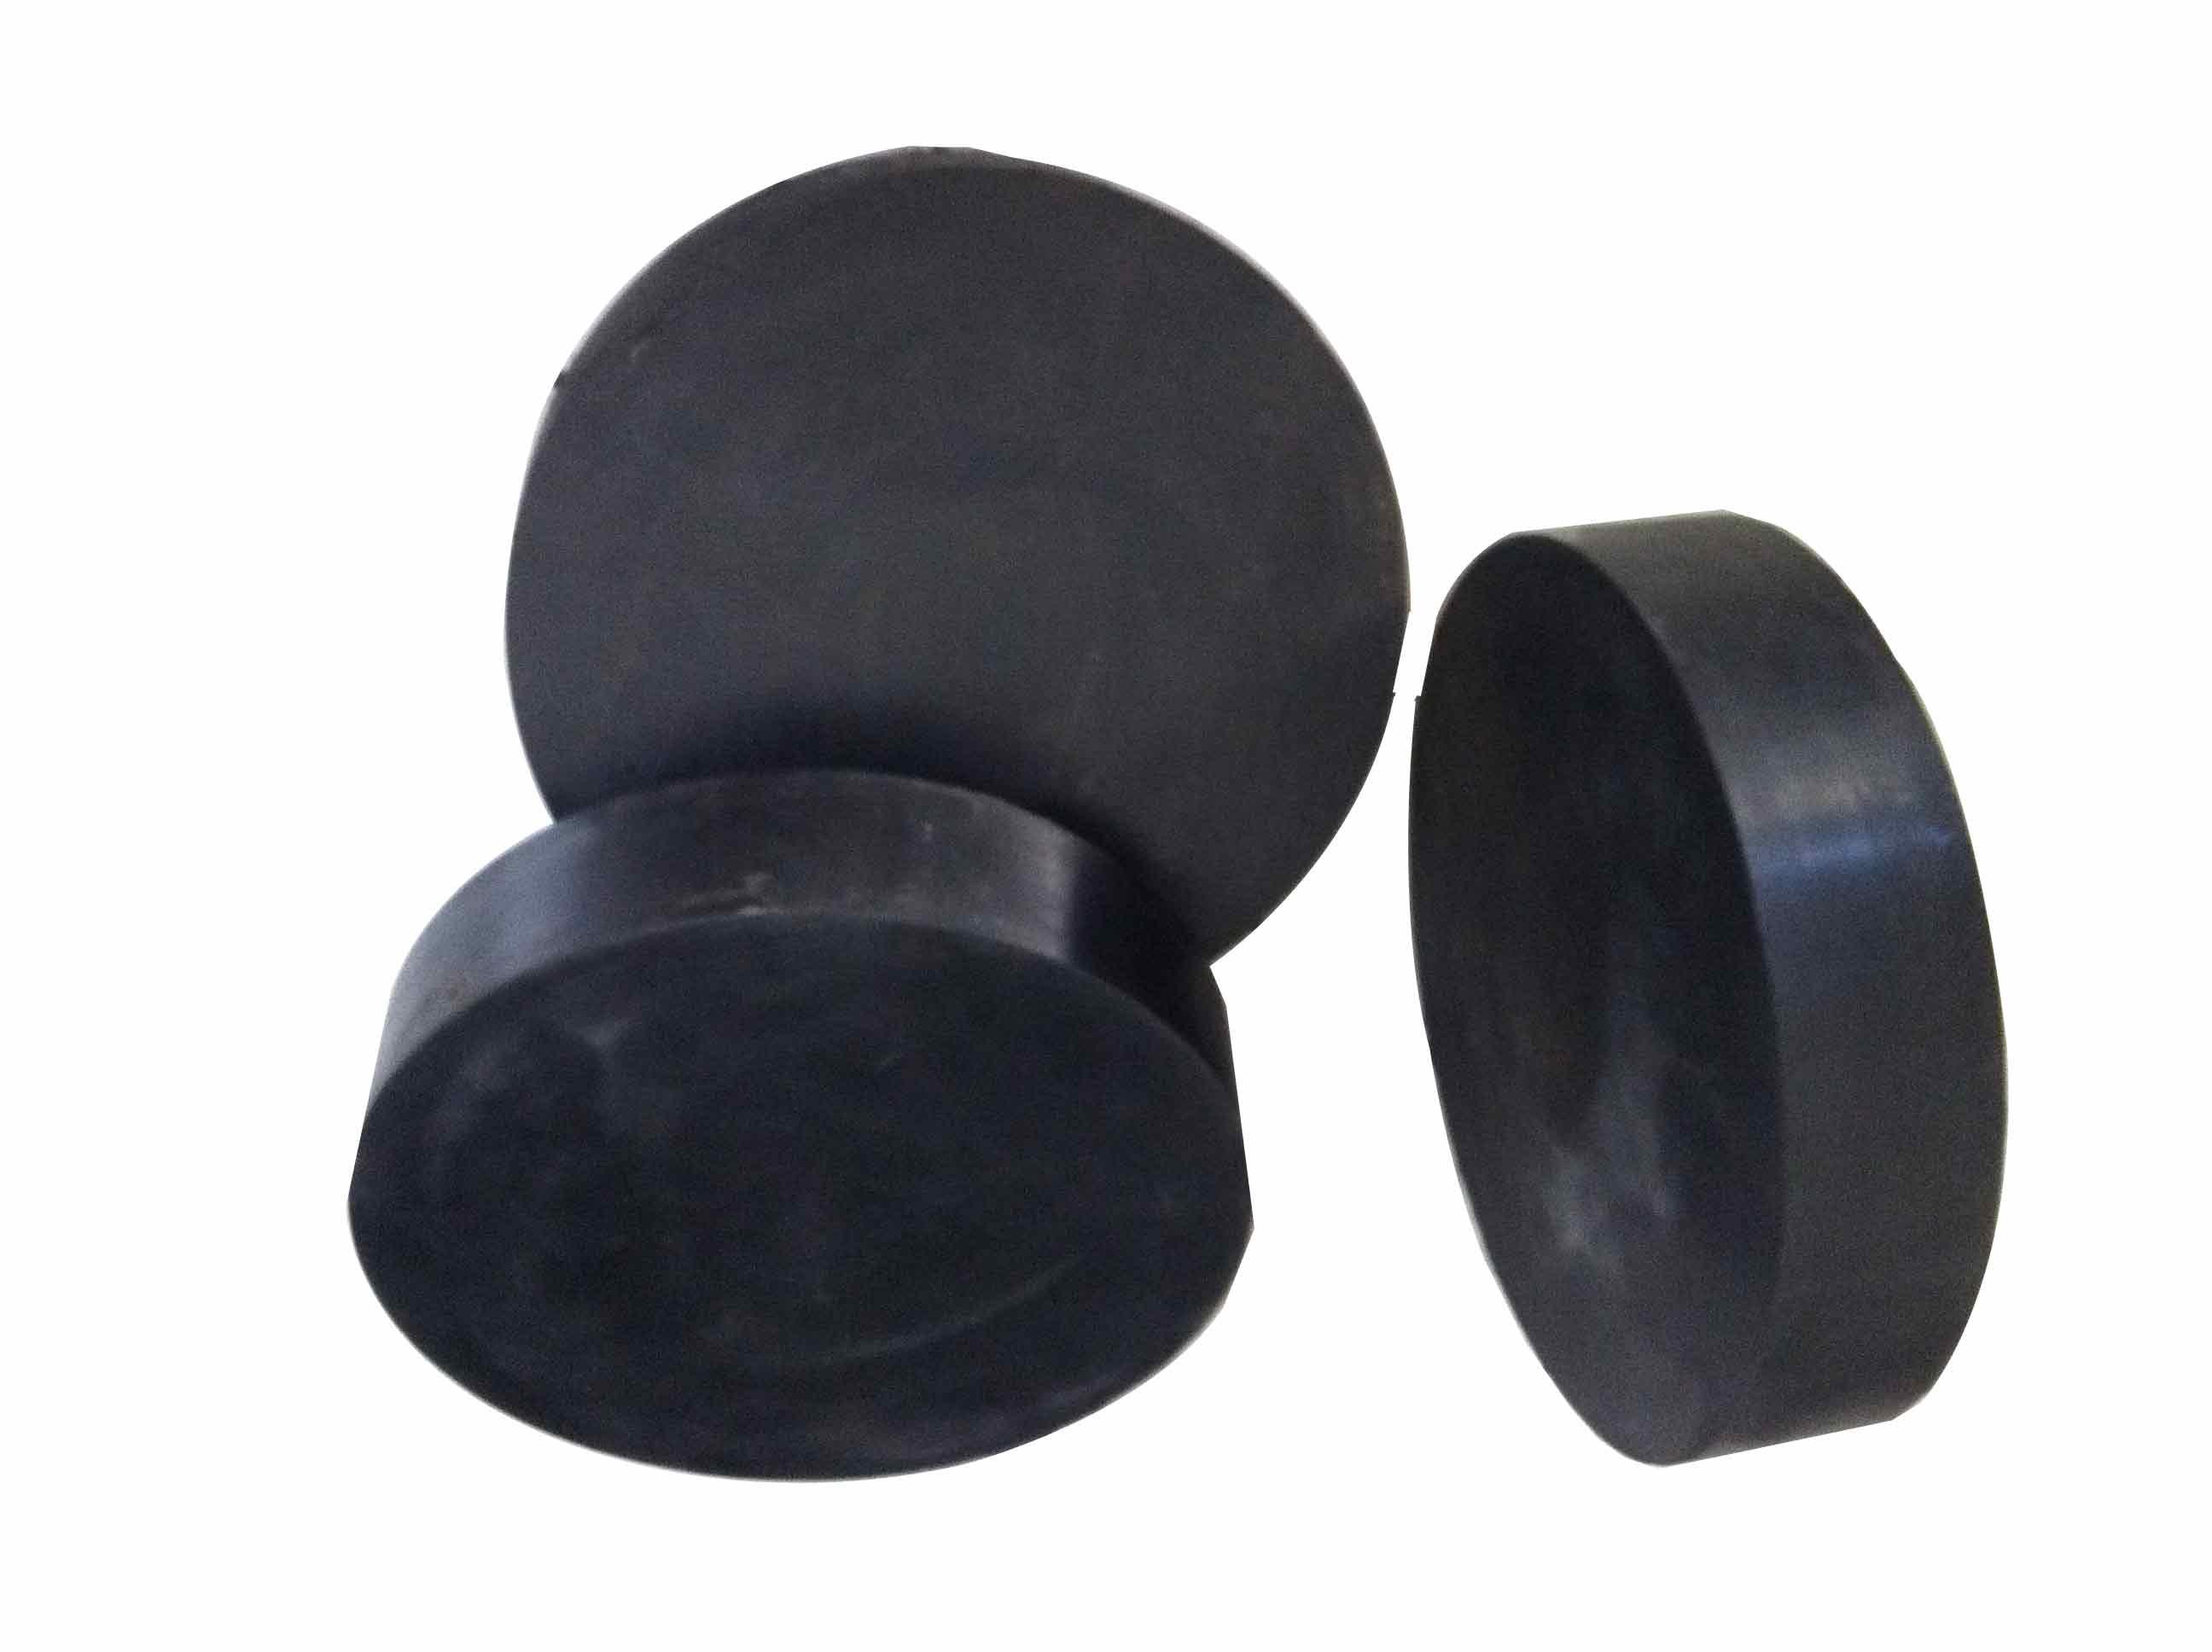 专业生产安装桥梁支座的厂家、河北途顺橡胶制品有限公司